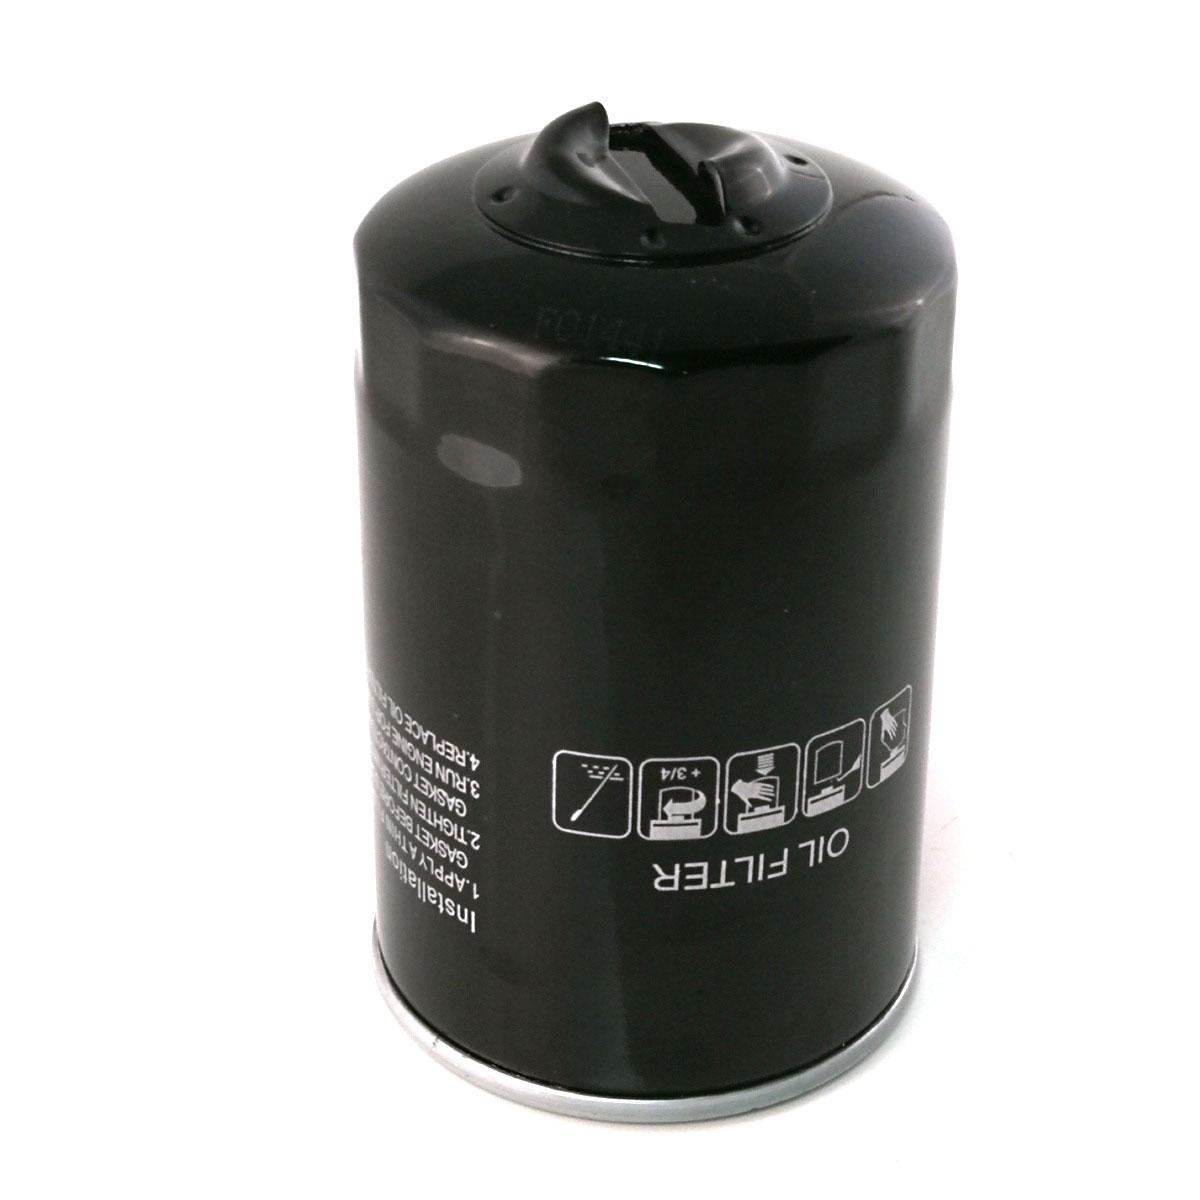 Ölfilter für Audi, Rover, Seat, Volvo, VW entsp. W940/25, FO1441